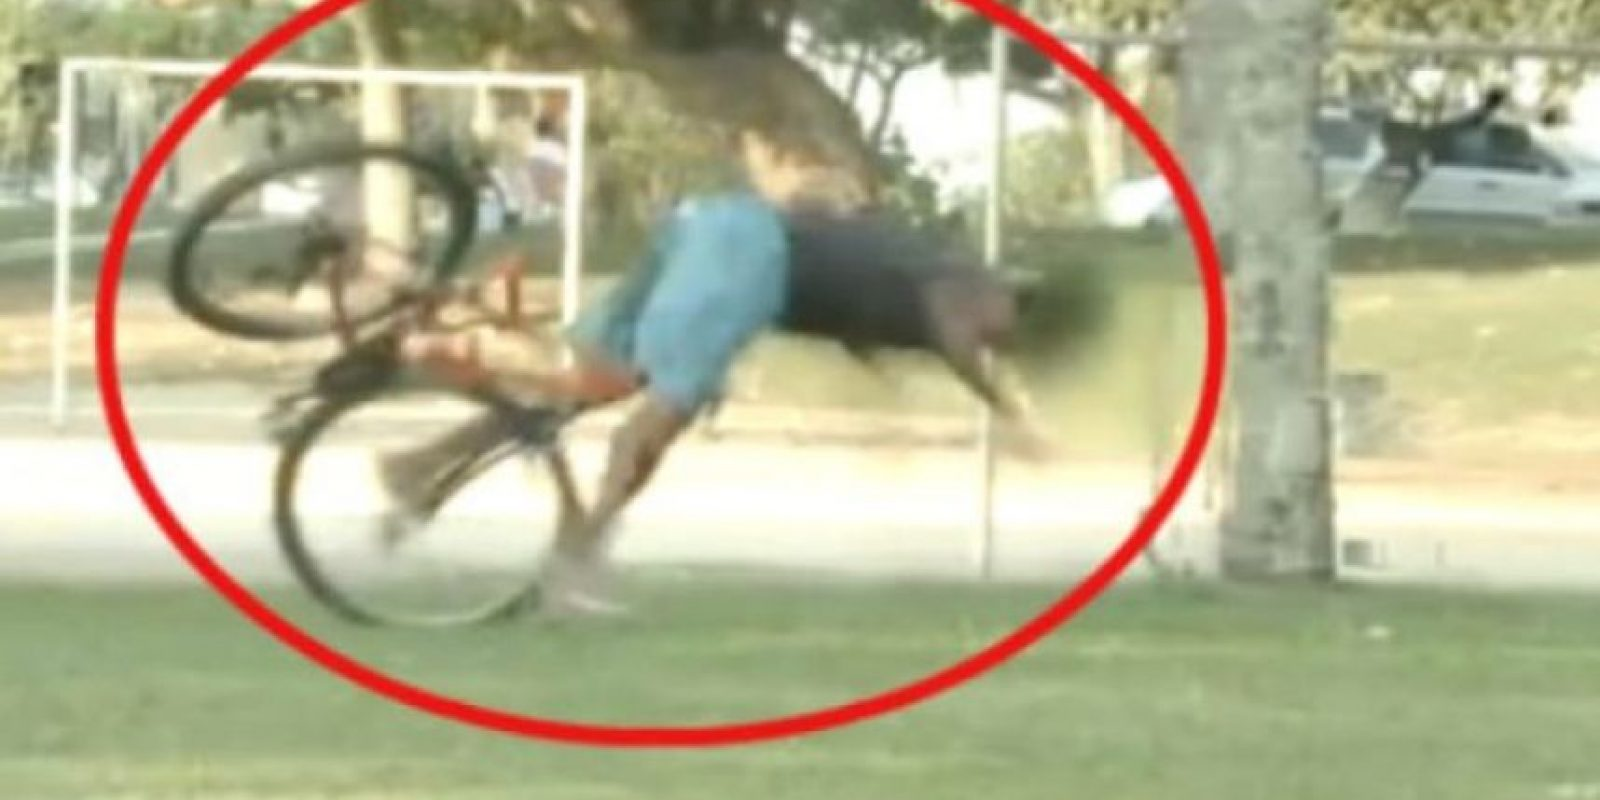 Un canal de bromas mostró como las personas intentaban robar una bicicleta Foto:Vía Youtube/OsPrimitivos